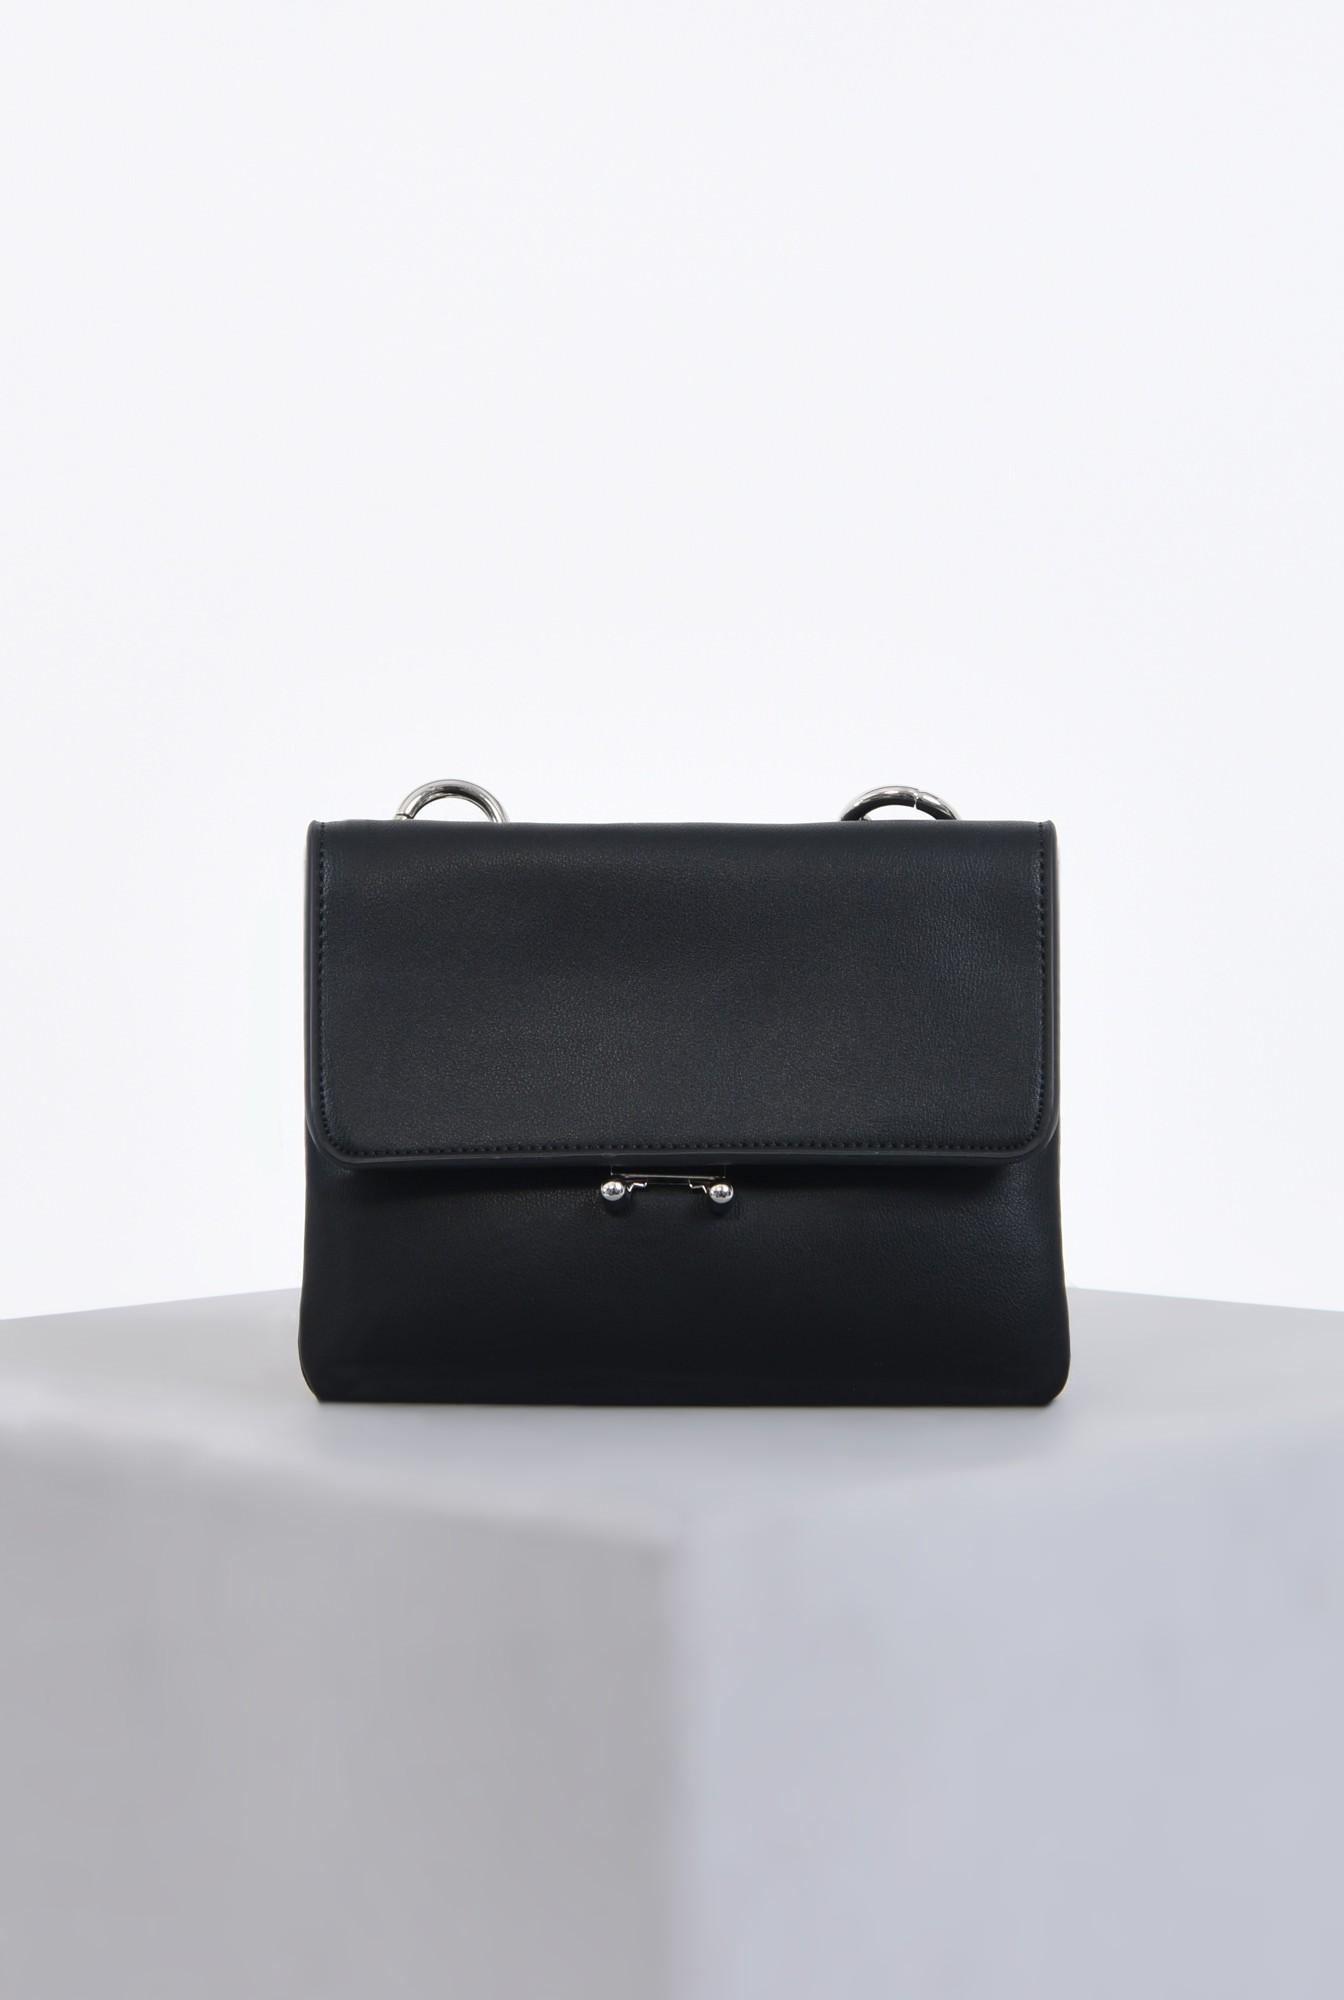 geanta casual, accesorii, negru